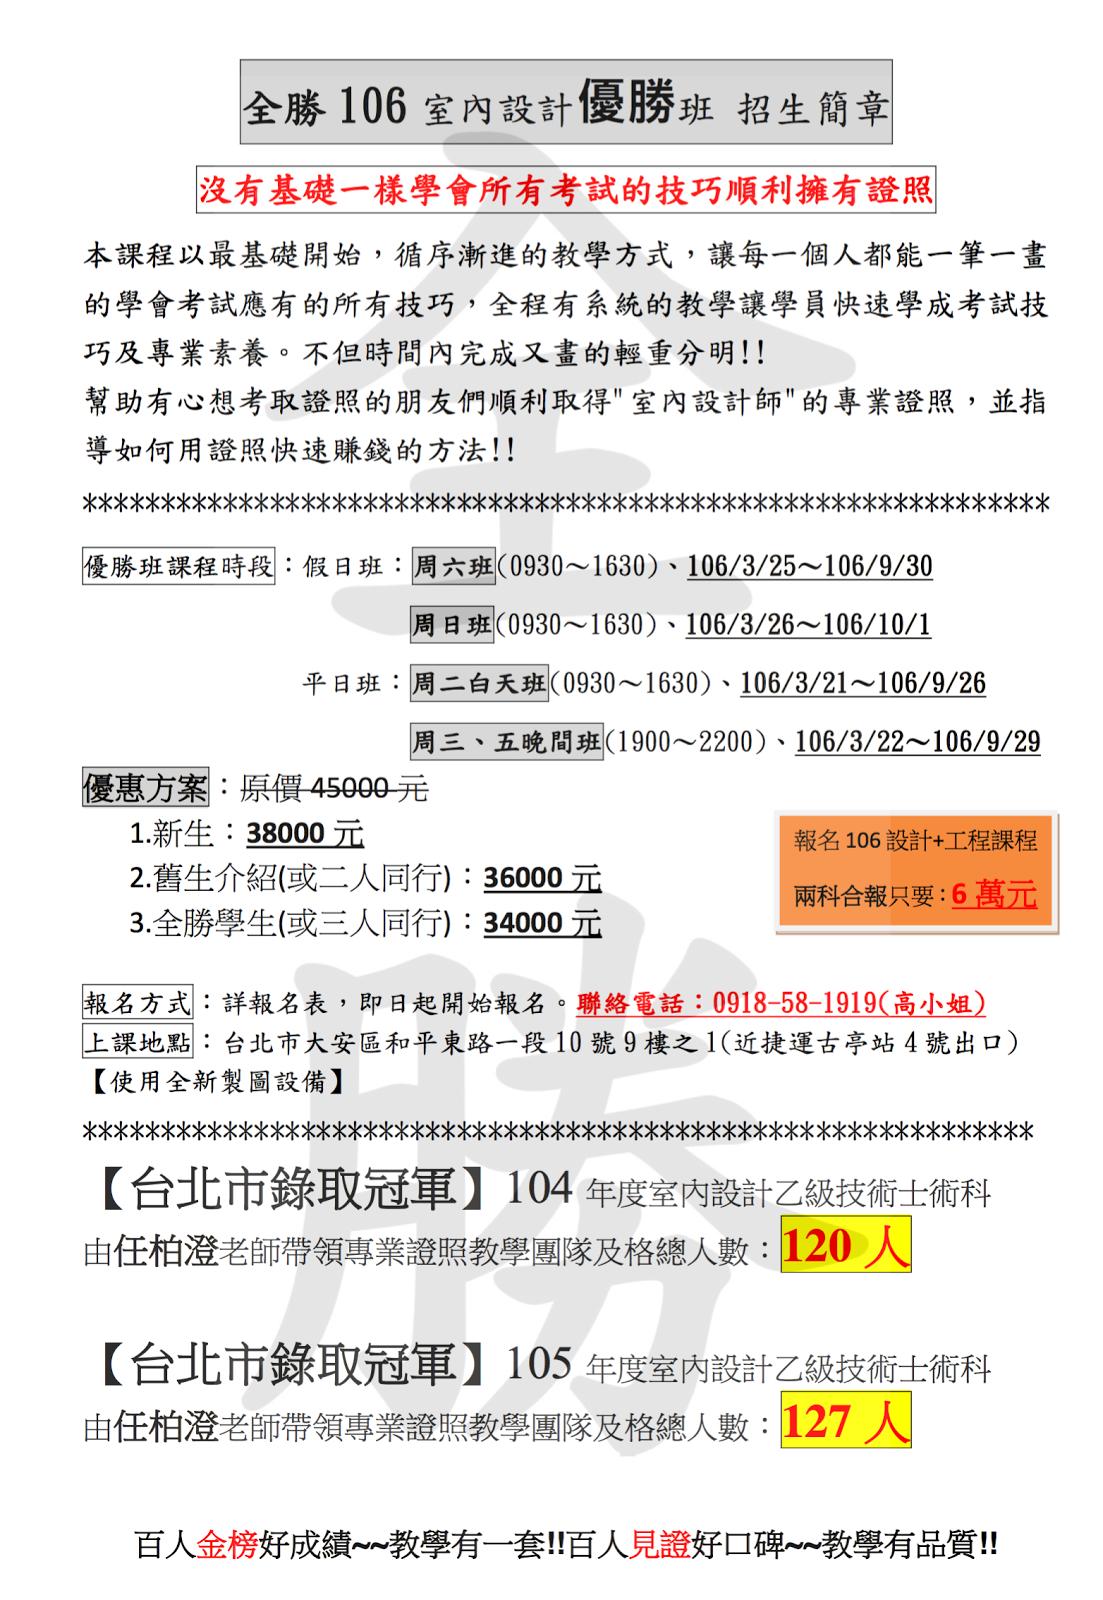 十二月 2016 ‐‐‐ 任柏澄【全勝室內設計裝修證照教室】專線:0918-58-1919